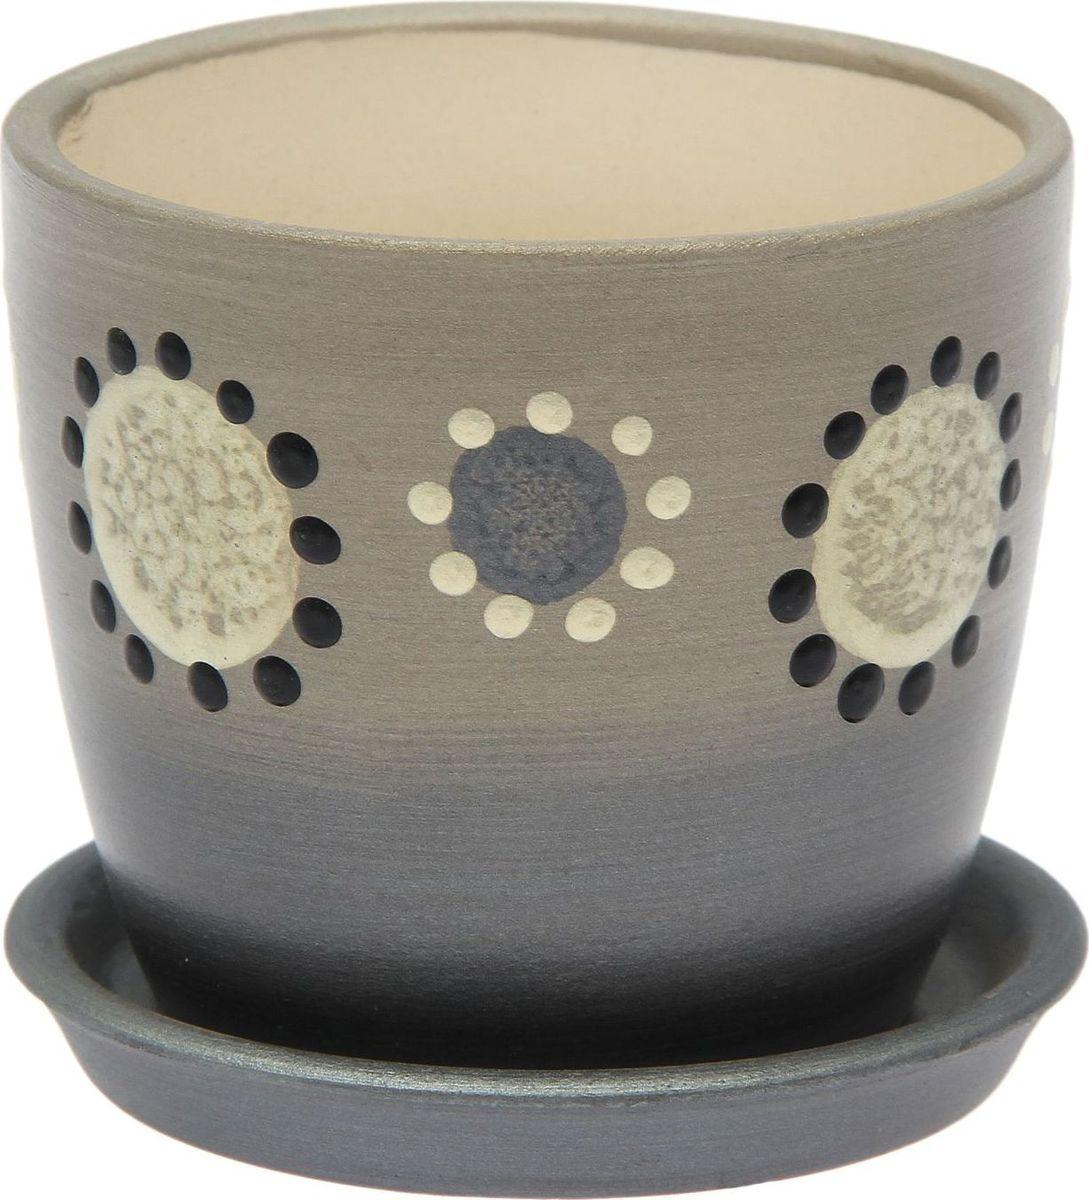 Кашпо Керамика ручной работы Осень. Дорисовка, цвет: серебристый, 0,25 л1968909Комнатные растения — всеобщие любимцы. Они радуют глаз, насыщают помещение кислородом и украшают пространство. Каждому из них необходим свой удобный и красивый дом. Кашпо из керамики прекрасно подходят для высадки растений: за счёт пластичности глины и разных способов обработки существует великое множество форм и дизайновпористый материал позволяет испаряться лишней влагевоздух, необходимый для дыхания корней, проникает сквозь керамические стенки! #name# позаботится о зелёном питомце, освежит интерьер и подчеркнёт его стиль.